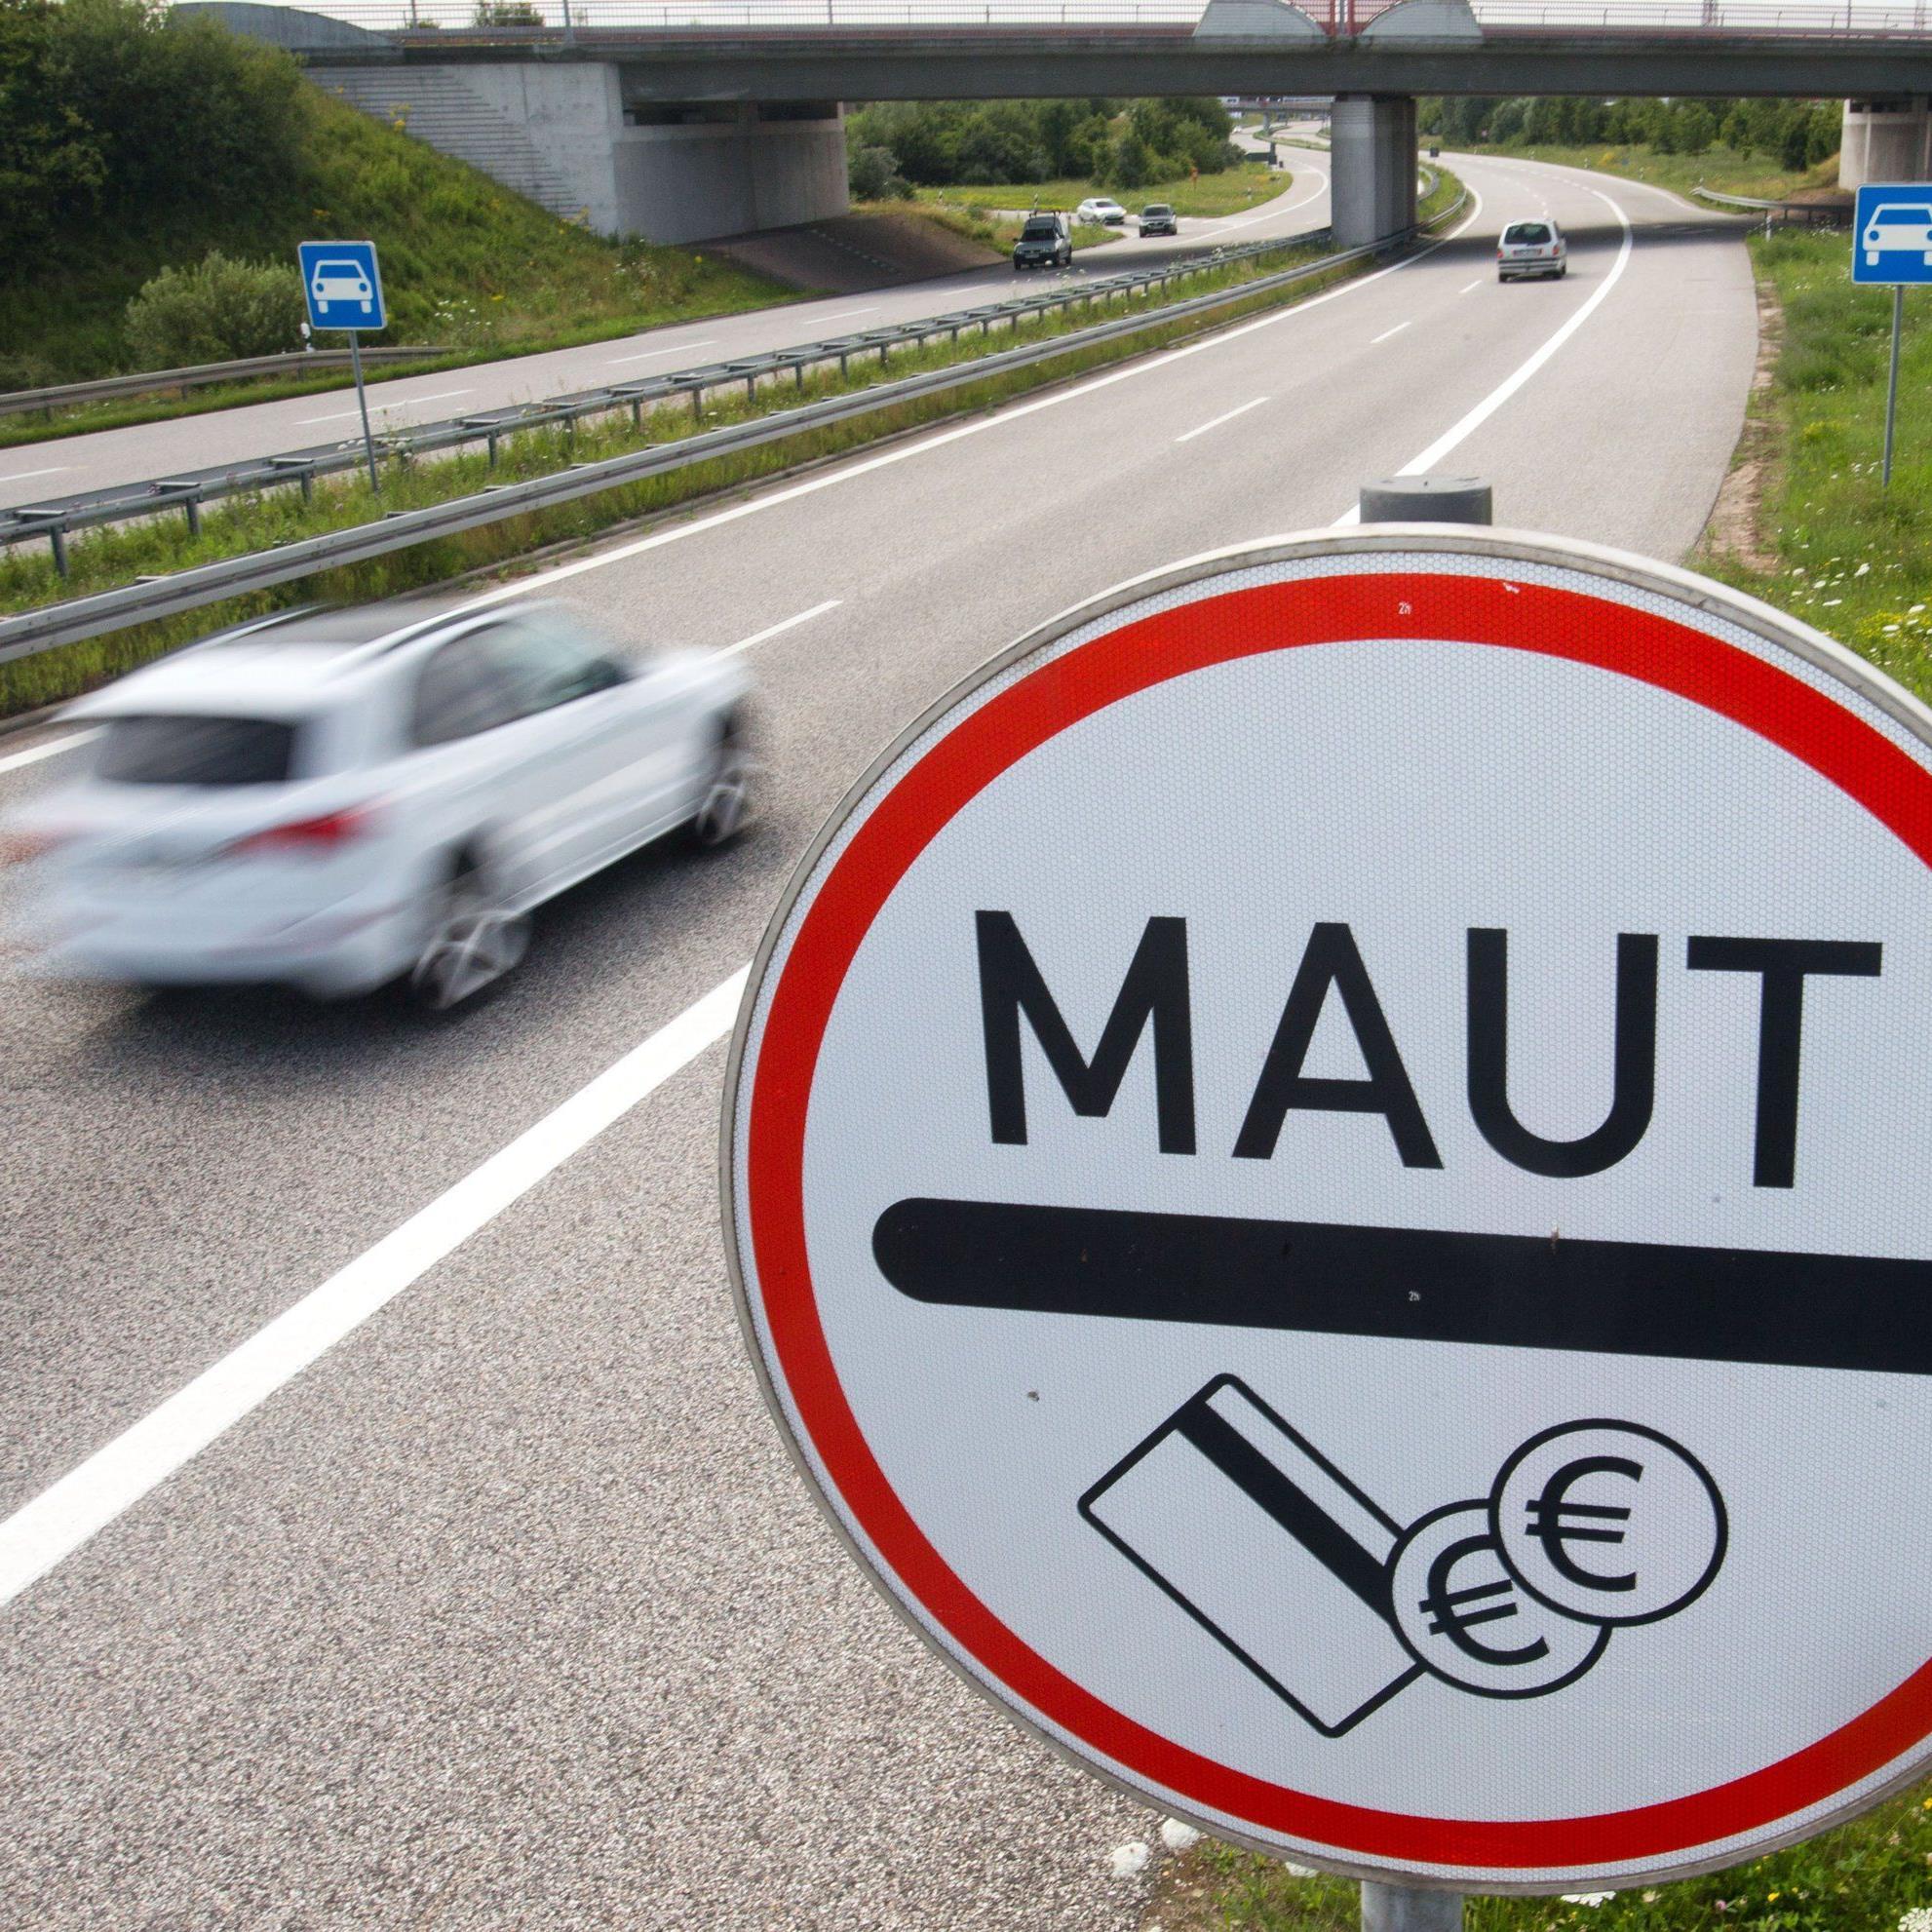 Autobahnen und Bundesstraßen: Laut Gutachten des deutschen Verkehrsministerium wäre Maut so EU-konform